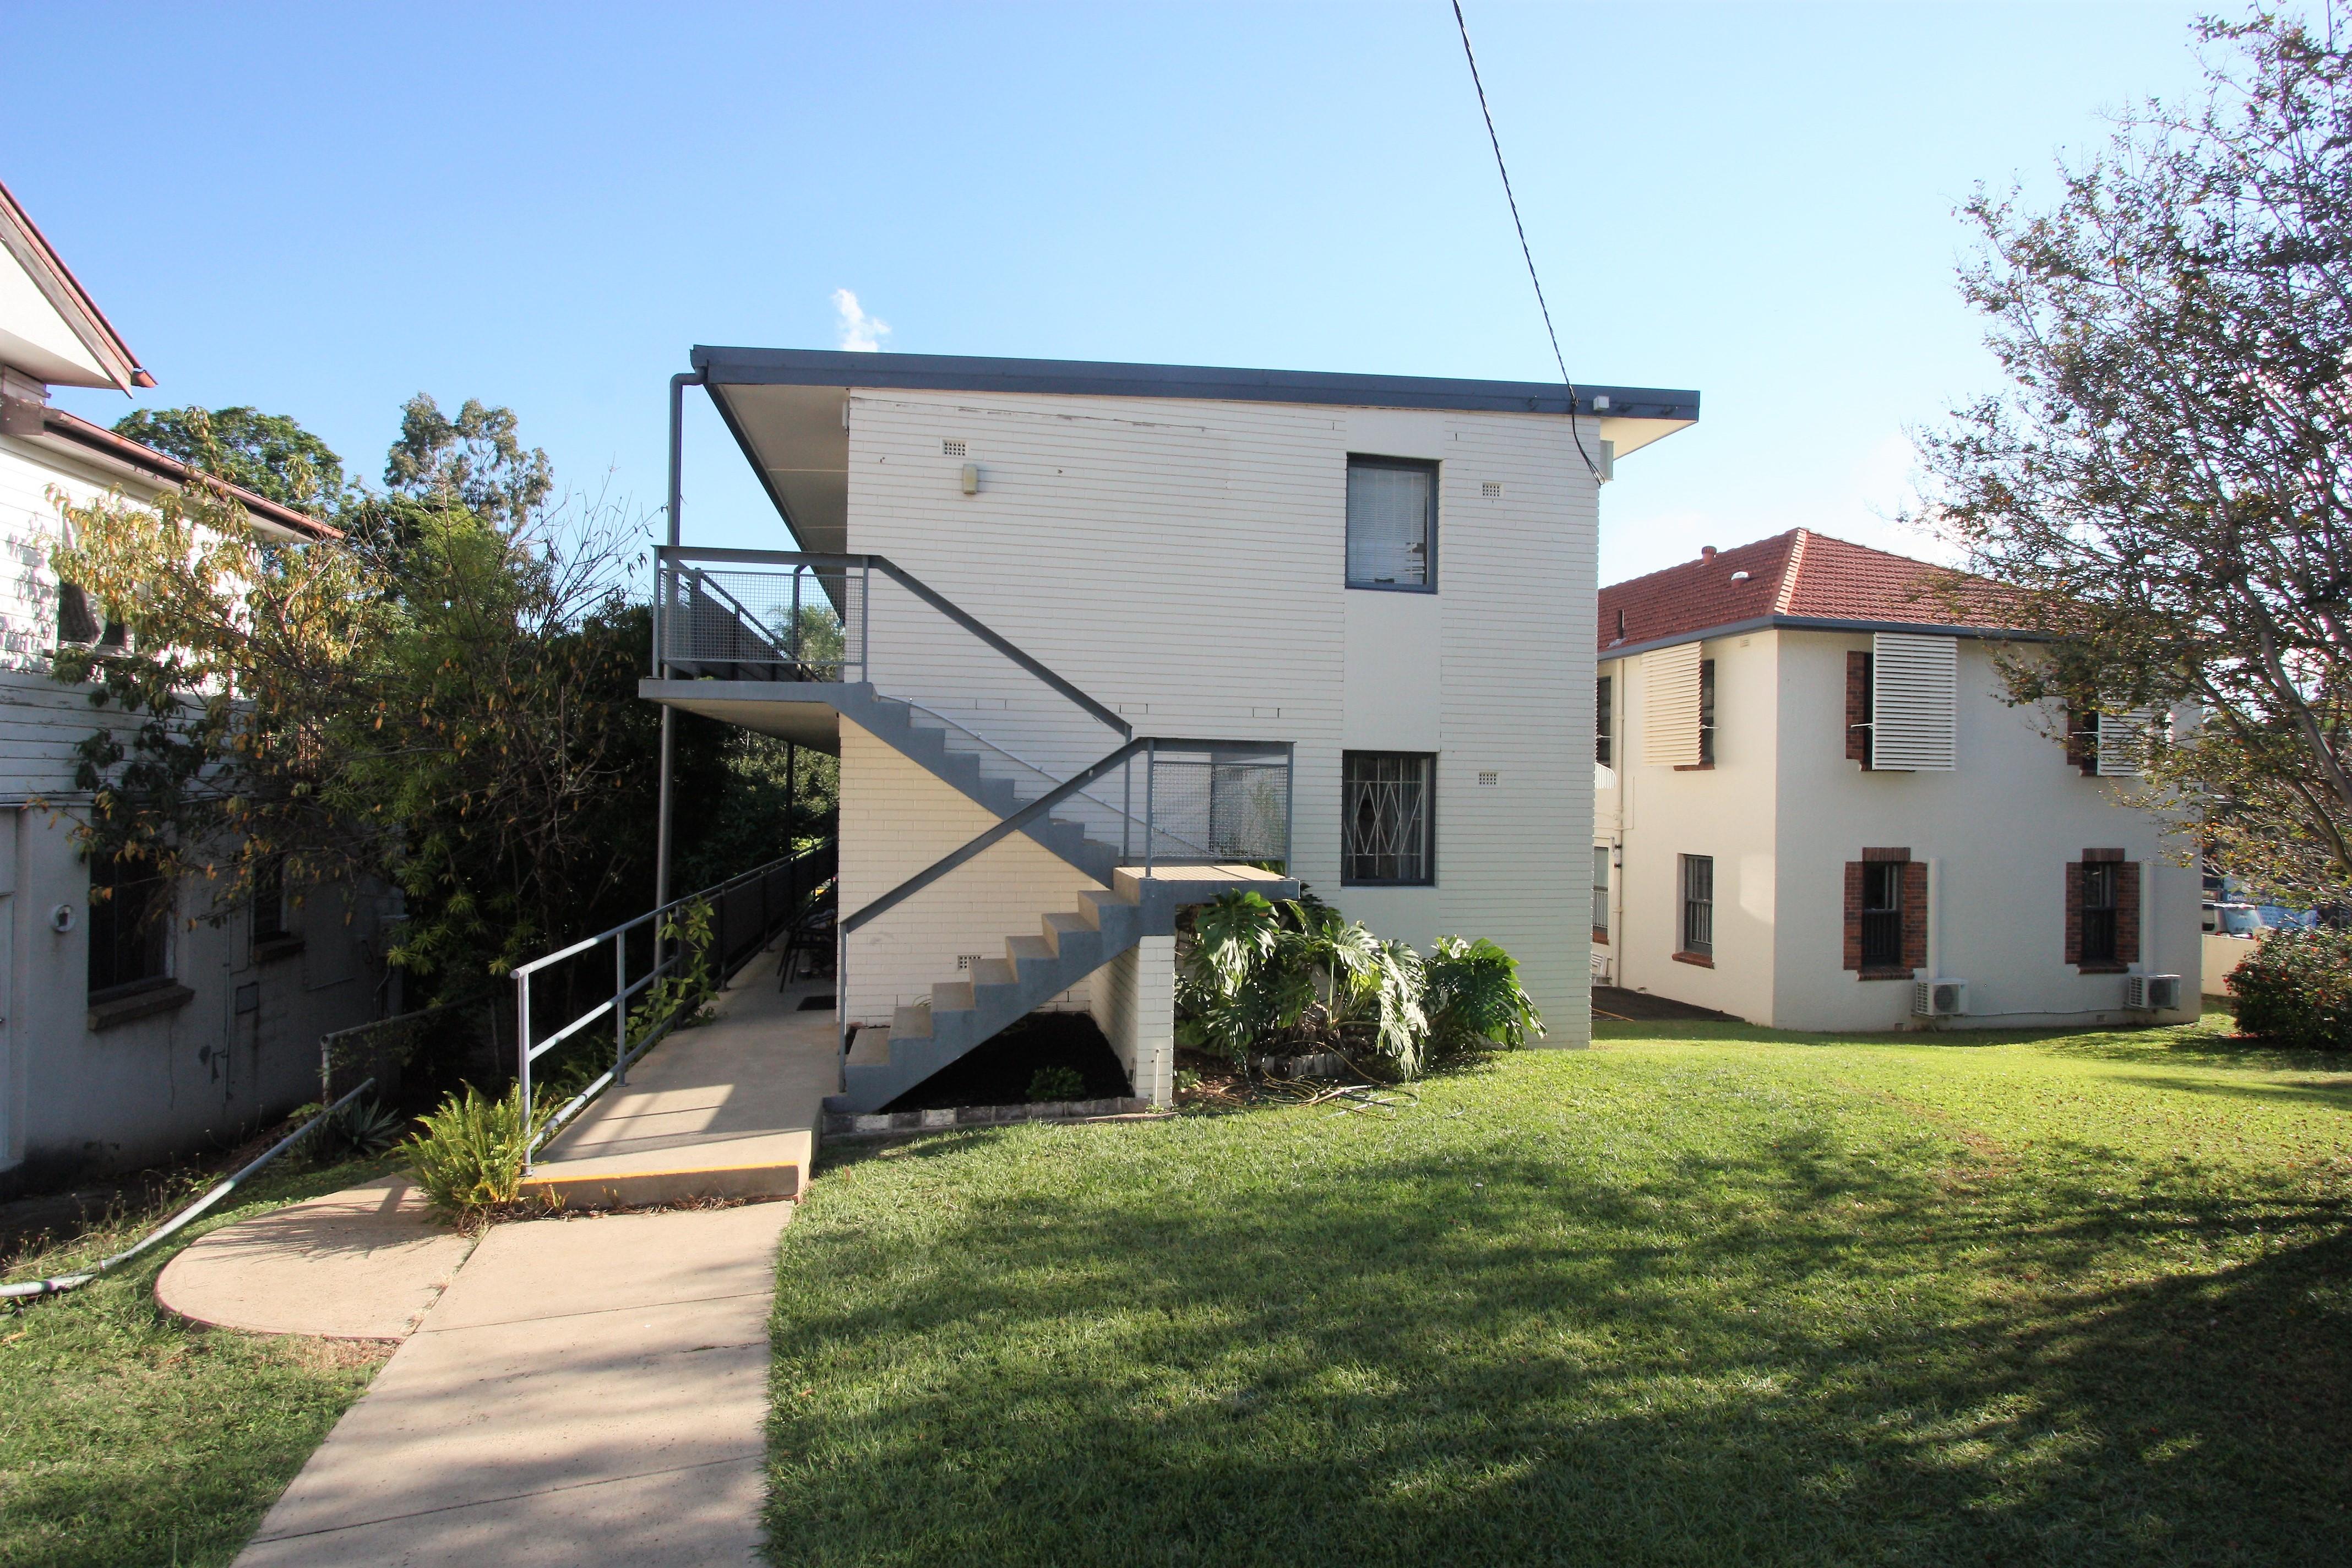 5/267 Gladestone Road, Dutton Park Rental